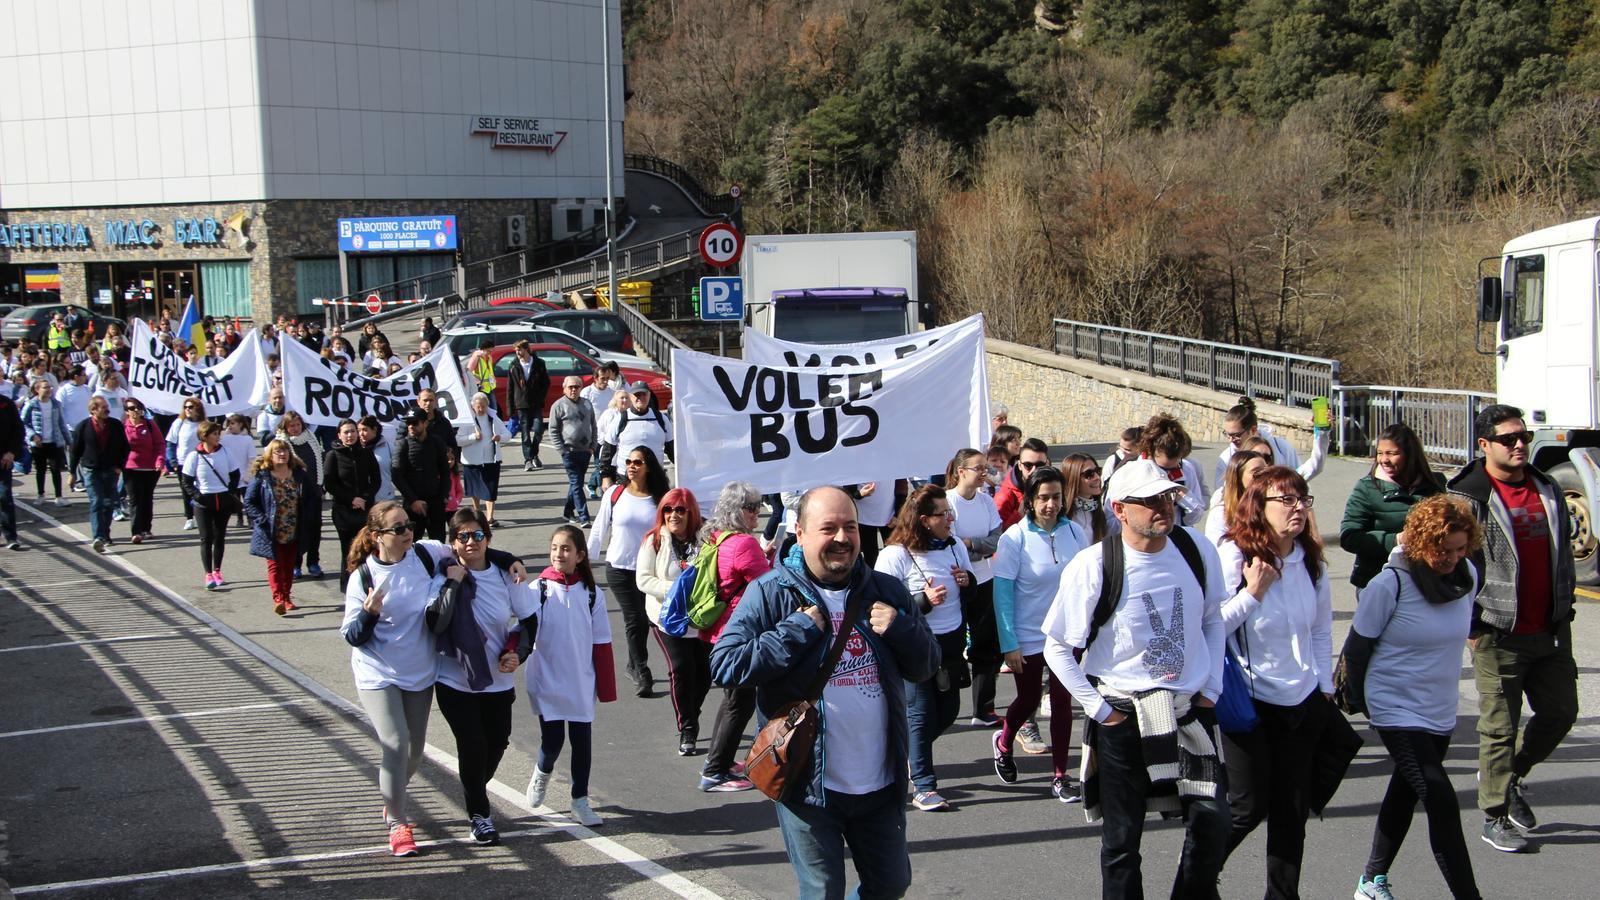 Un moment de la sortida de la marxa, amb els treballadors del Punt de Trobada aixecant les pancartes. / L. M.